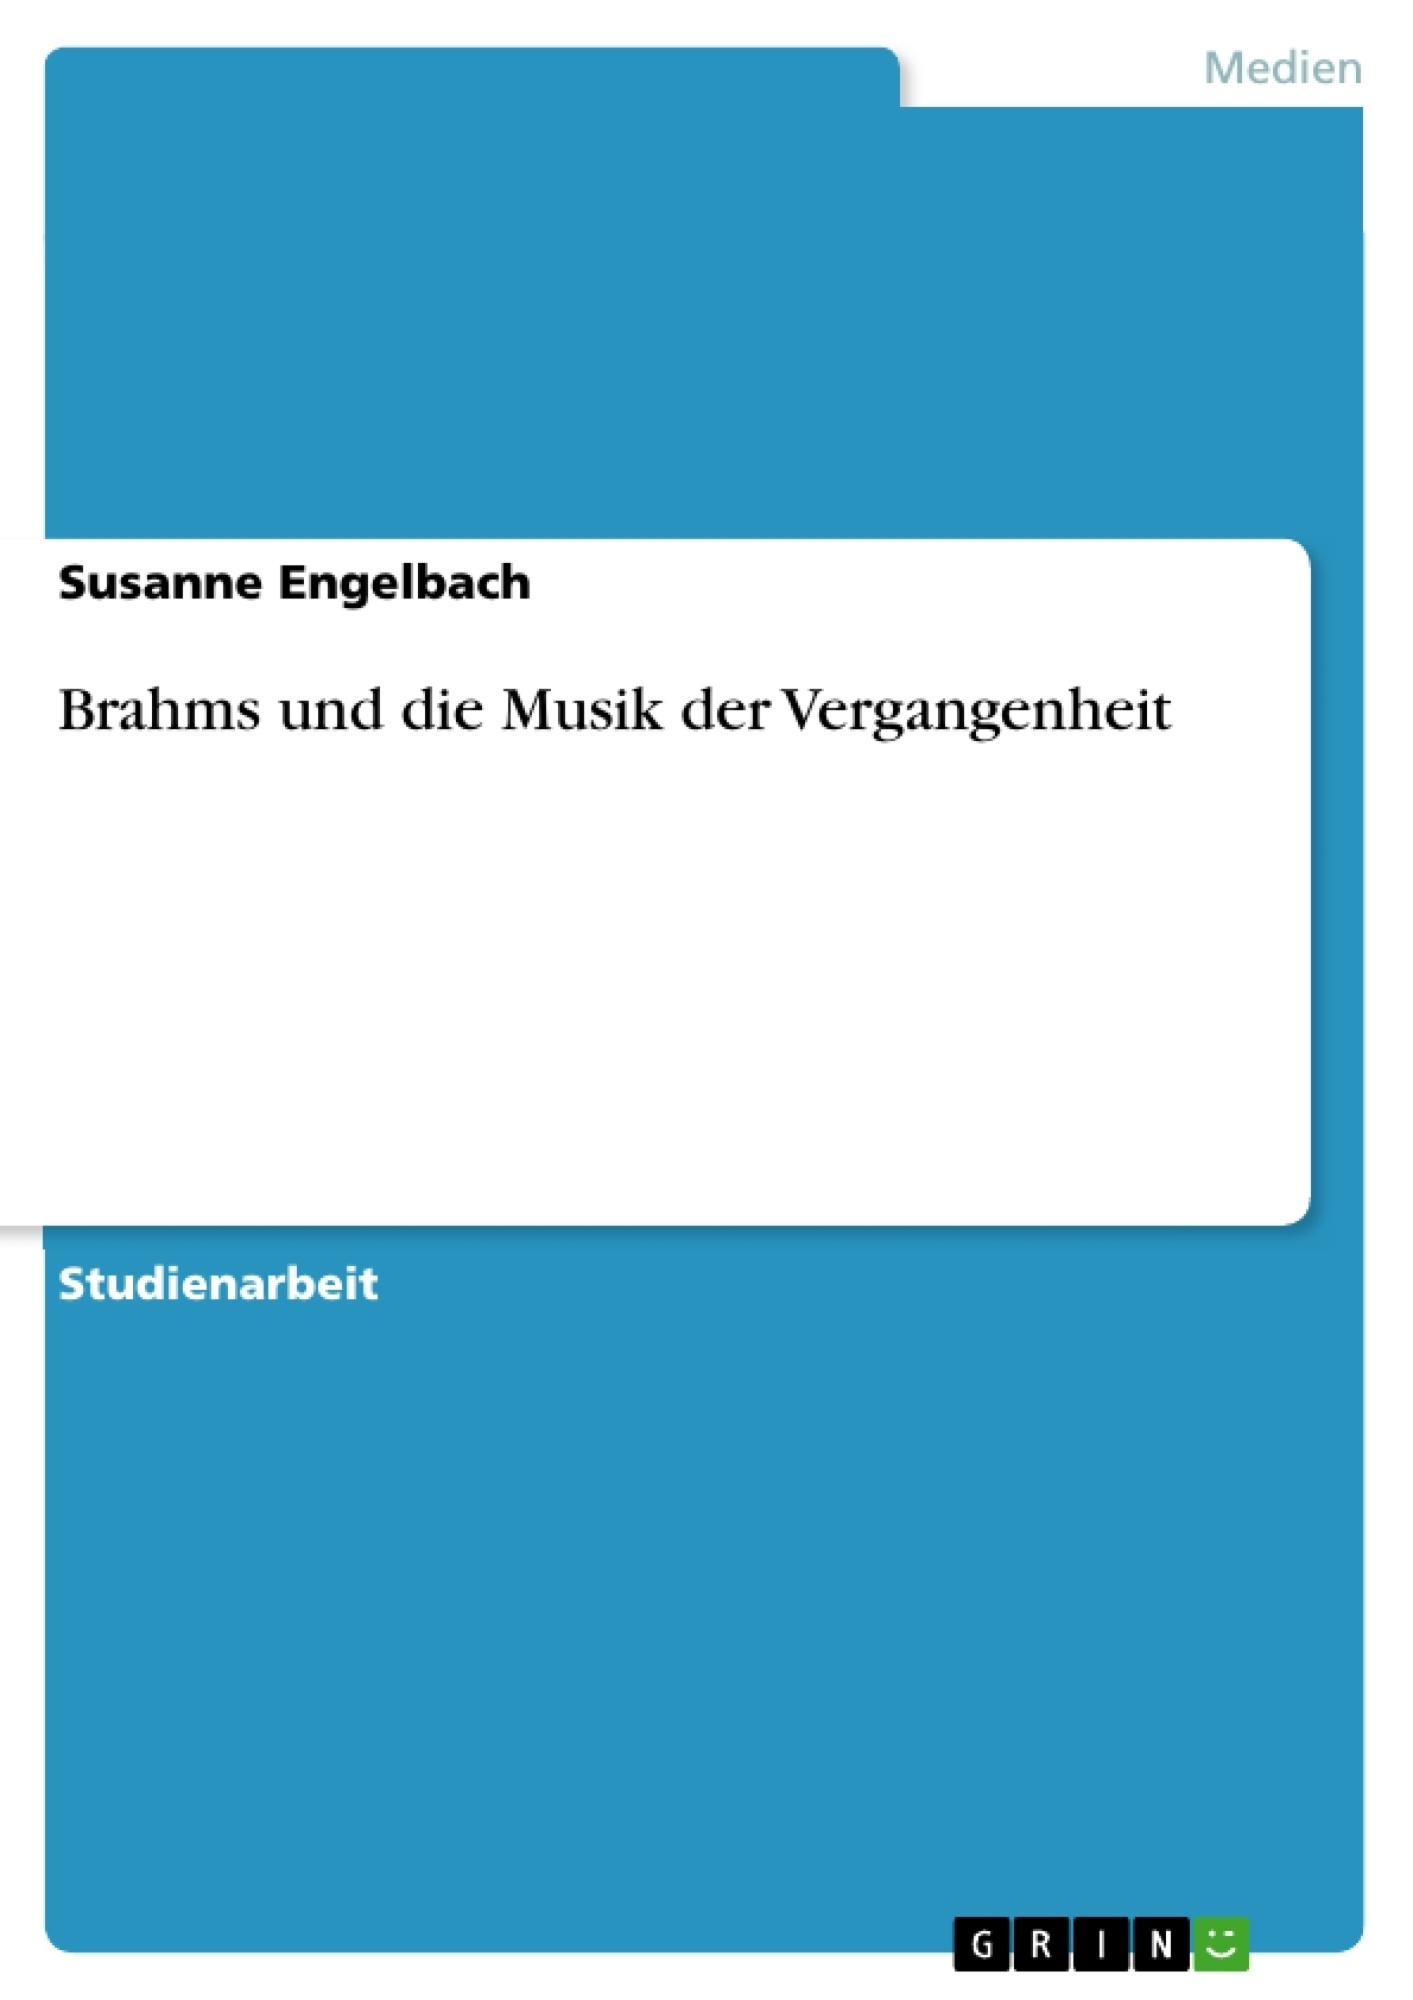 Titel: Brahms und die Musik der Vergangenheit